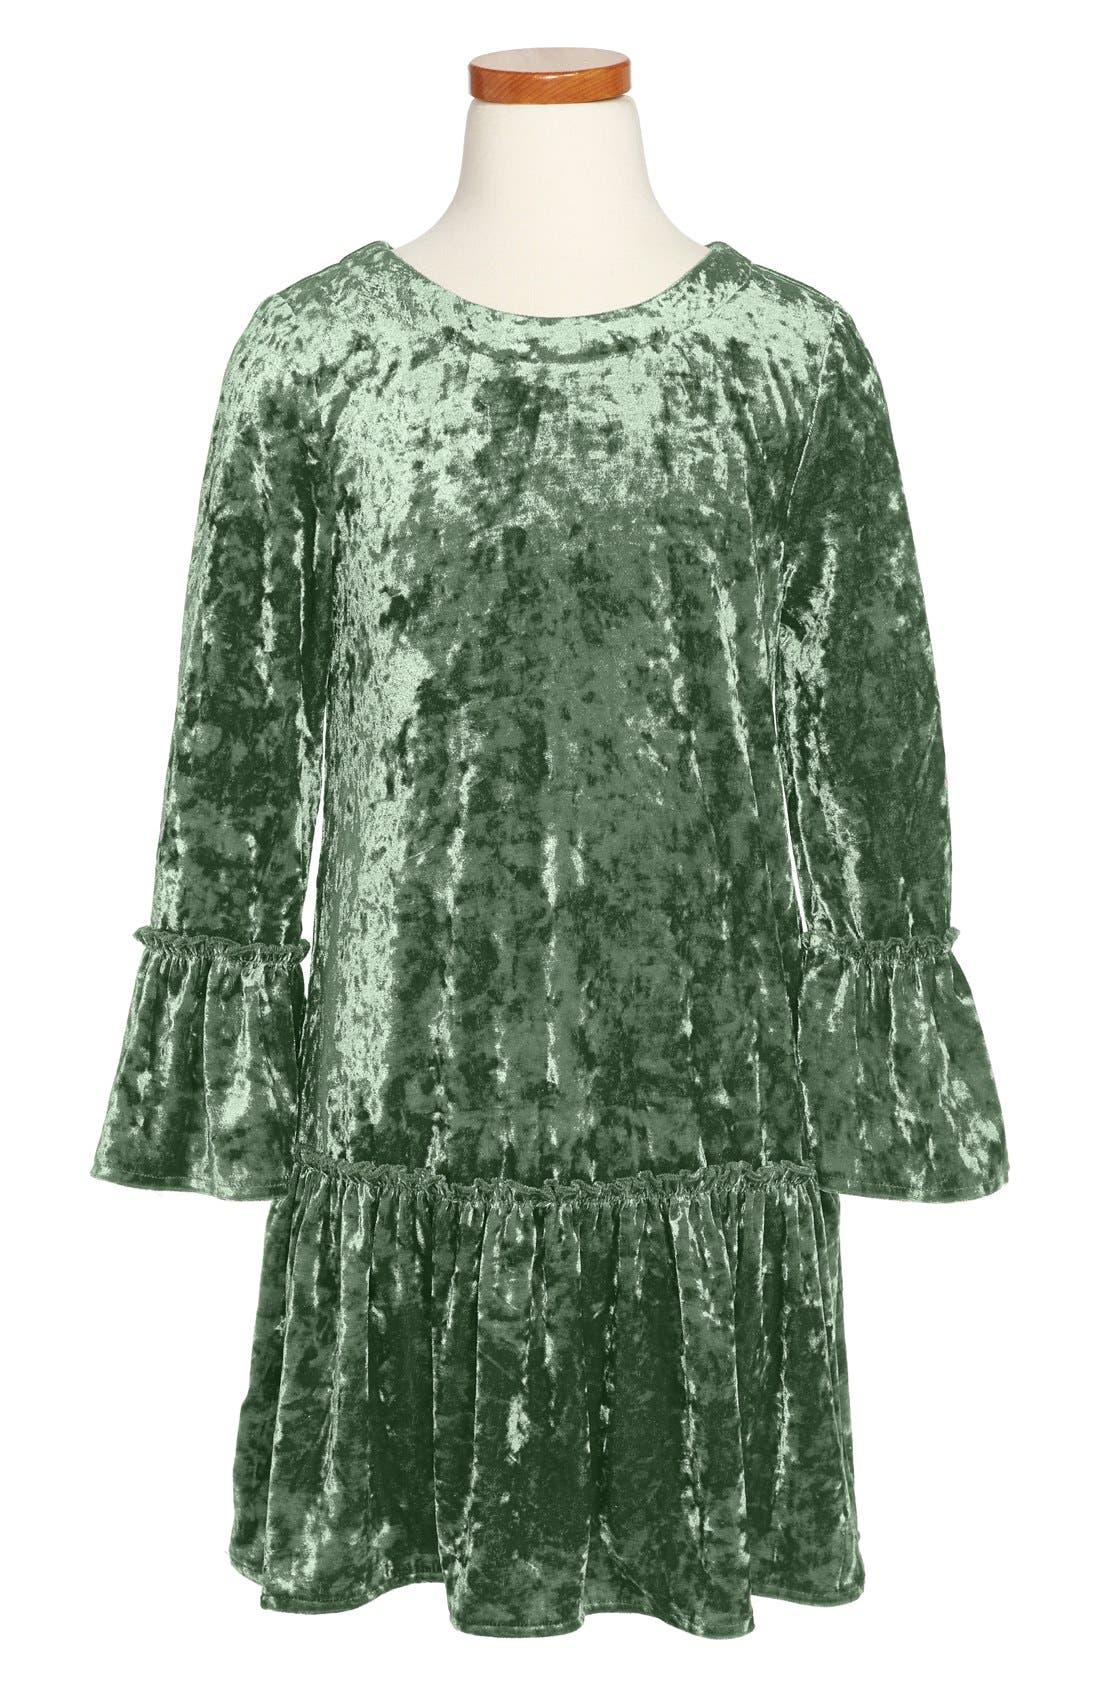 Alternate Image 1 Selected - Peek 'Anastasia' Crushed Velvet Dress (Toddler Girls, Little Girls & Big Girls)